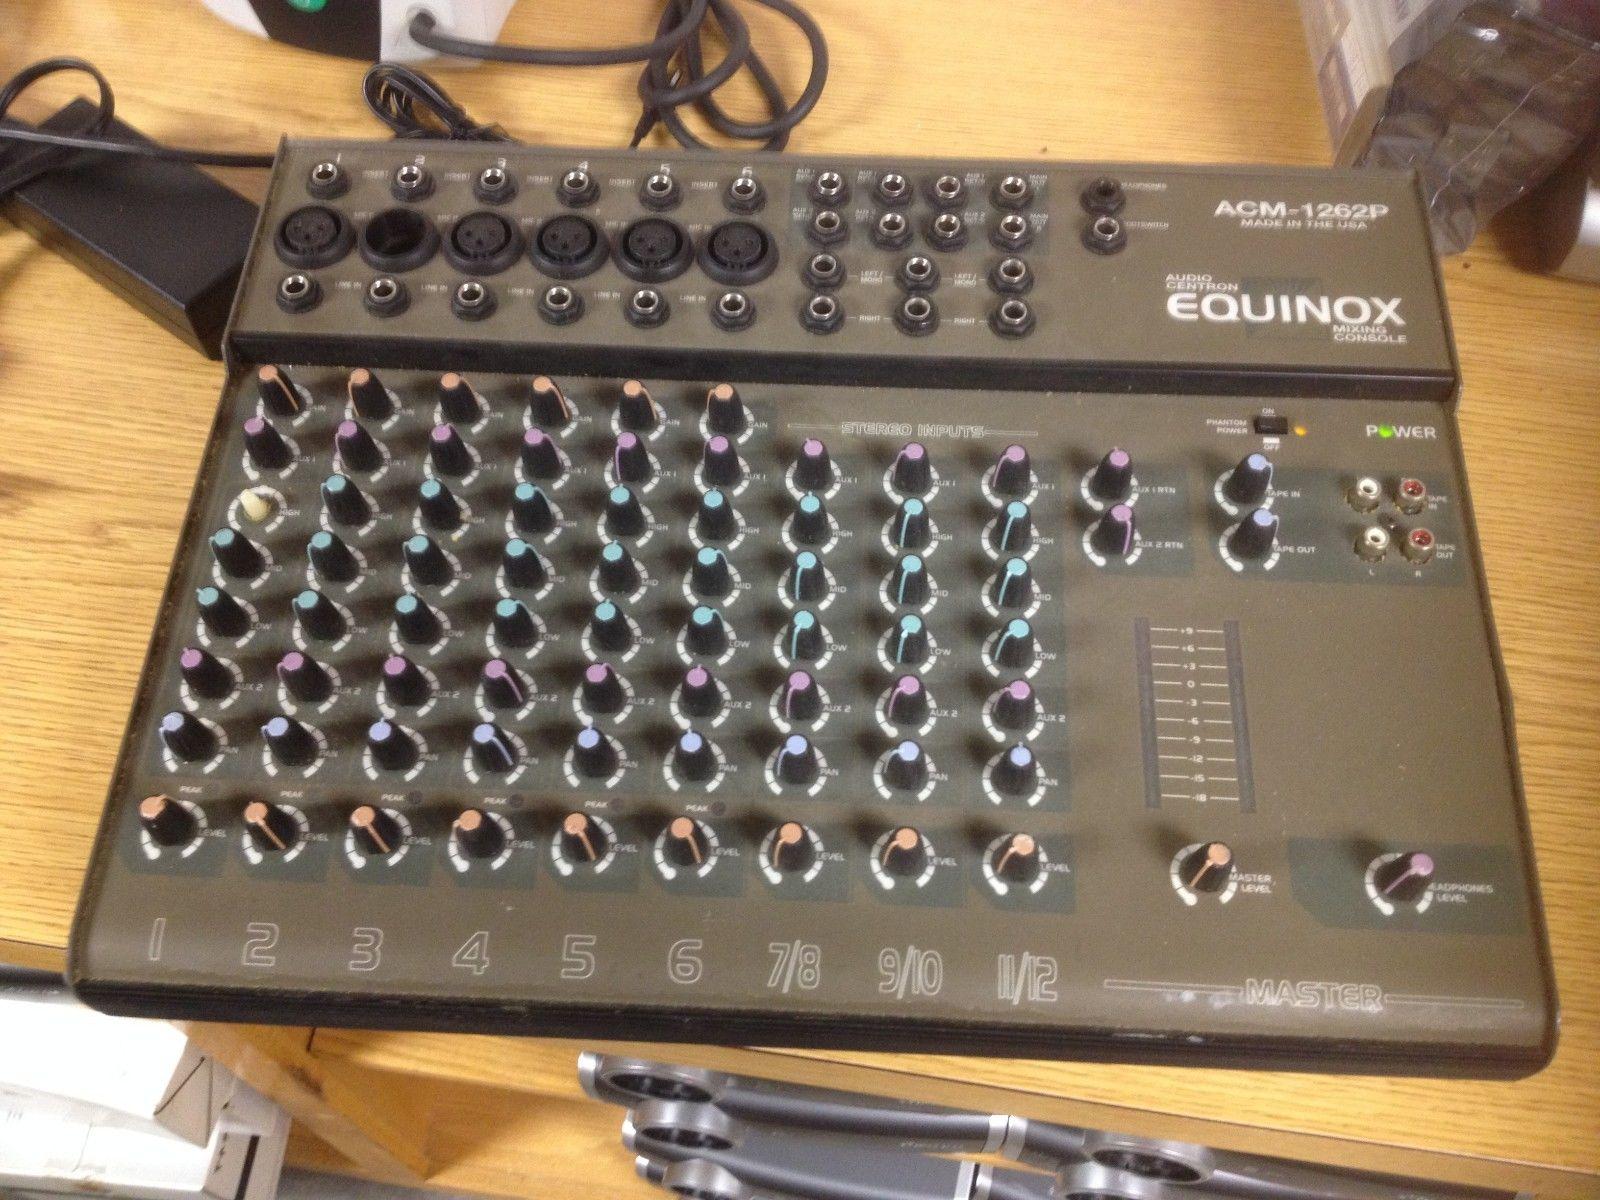 Equinox Mixer ACM-1262 Mixing Console